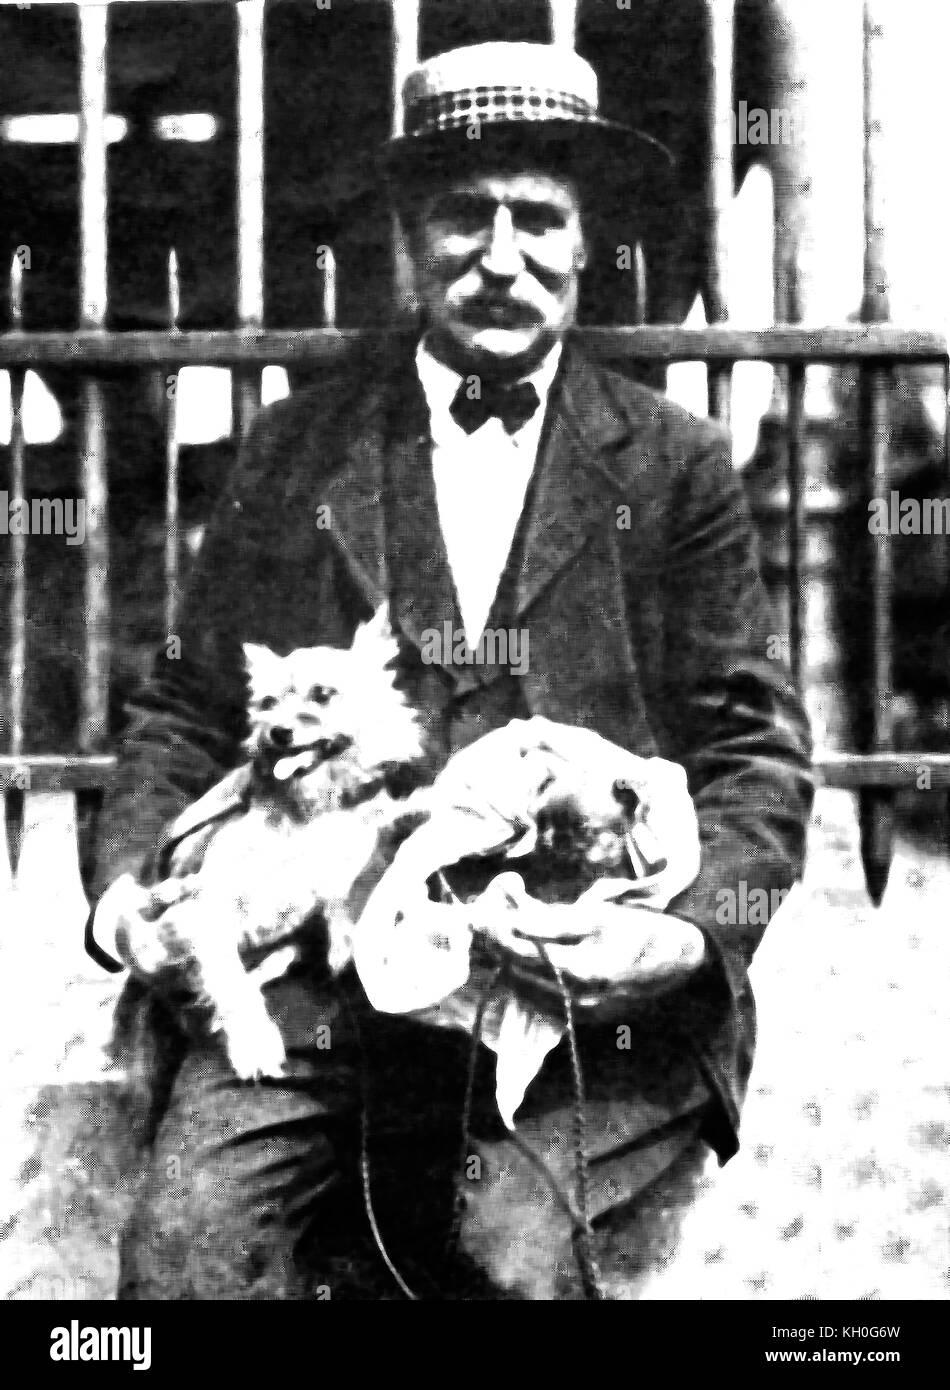 Cappello di paglia - un uomo in Francia con il suo giro cani indossa il  tipico ebc60d390eec